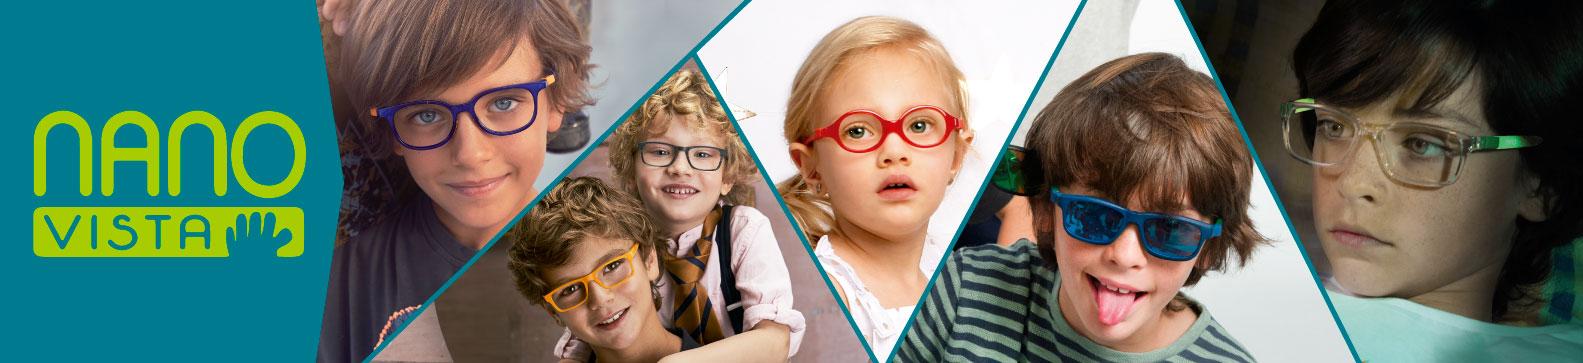 Nano Vista Glasses, Frames, and Eyeglasses